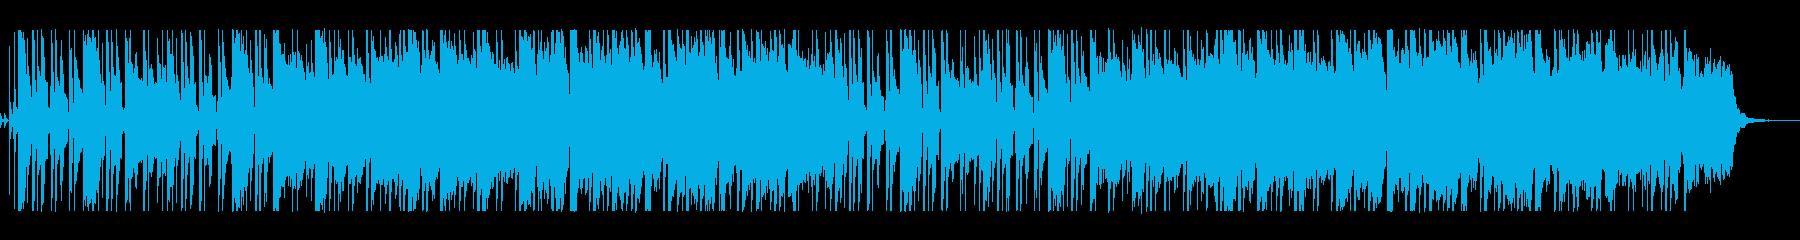 ボサノバのリズムのさわやかな曲の再生済みの波形